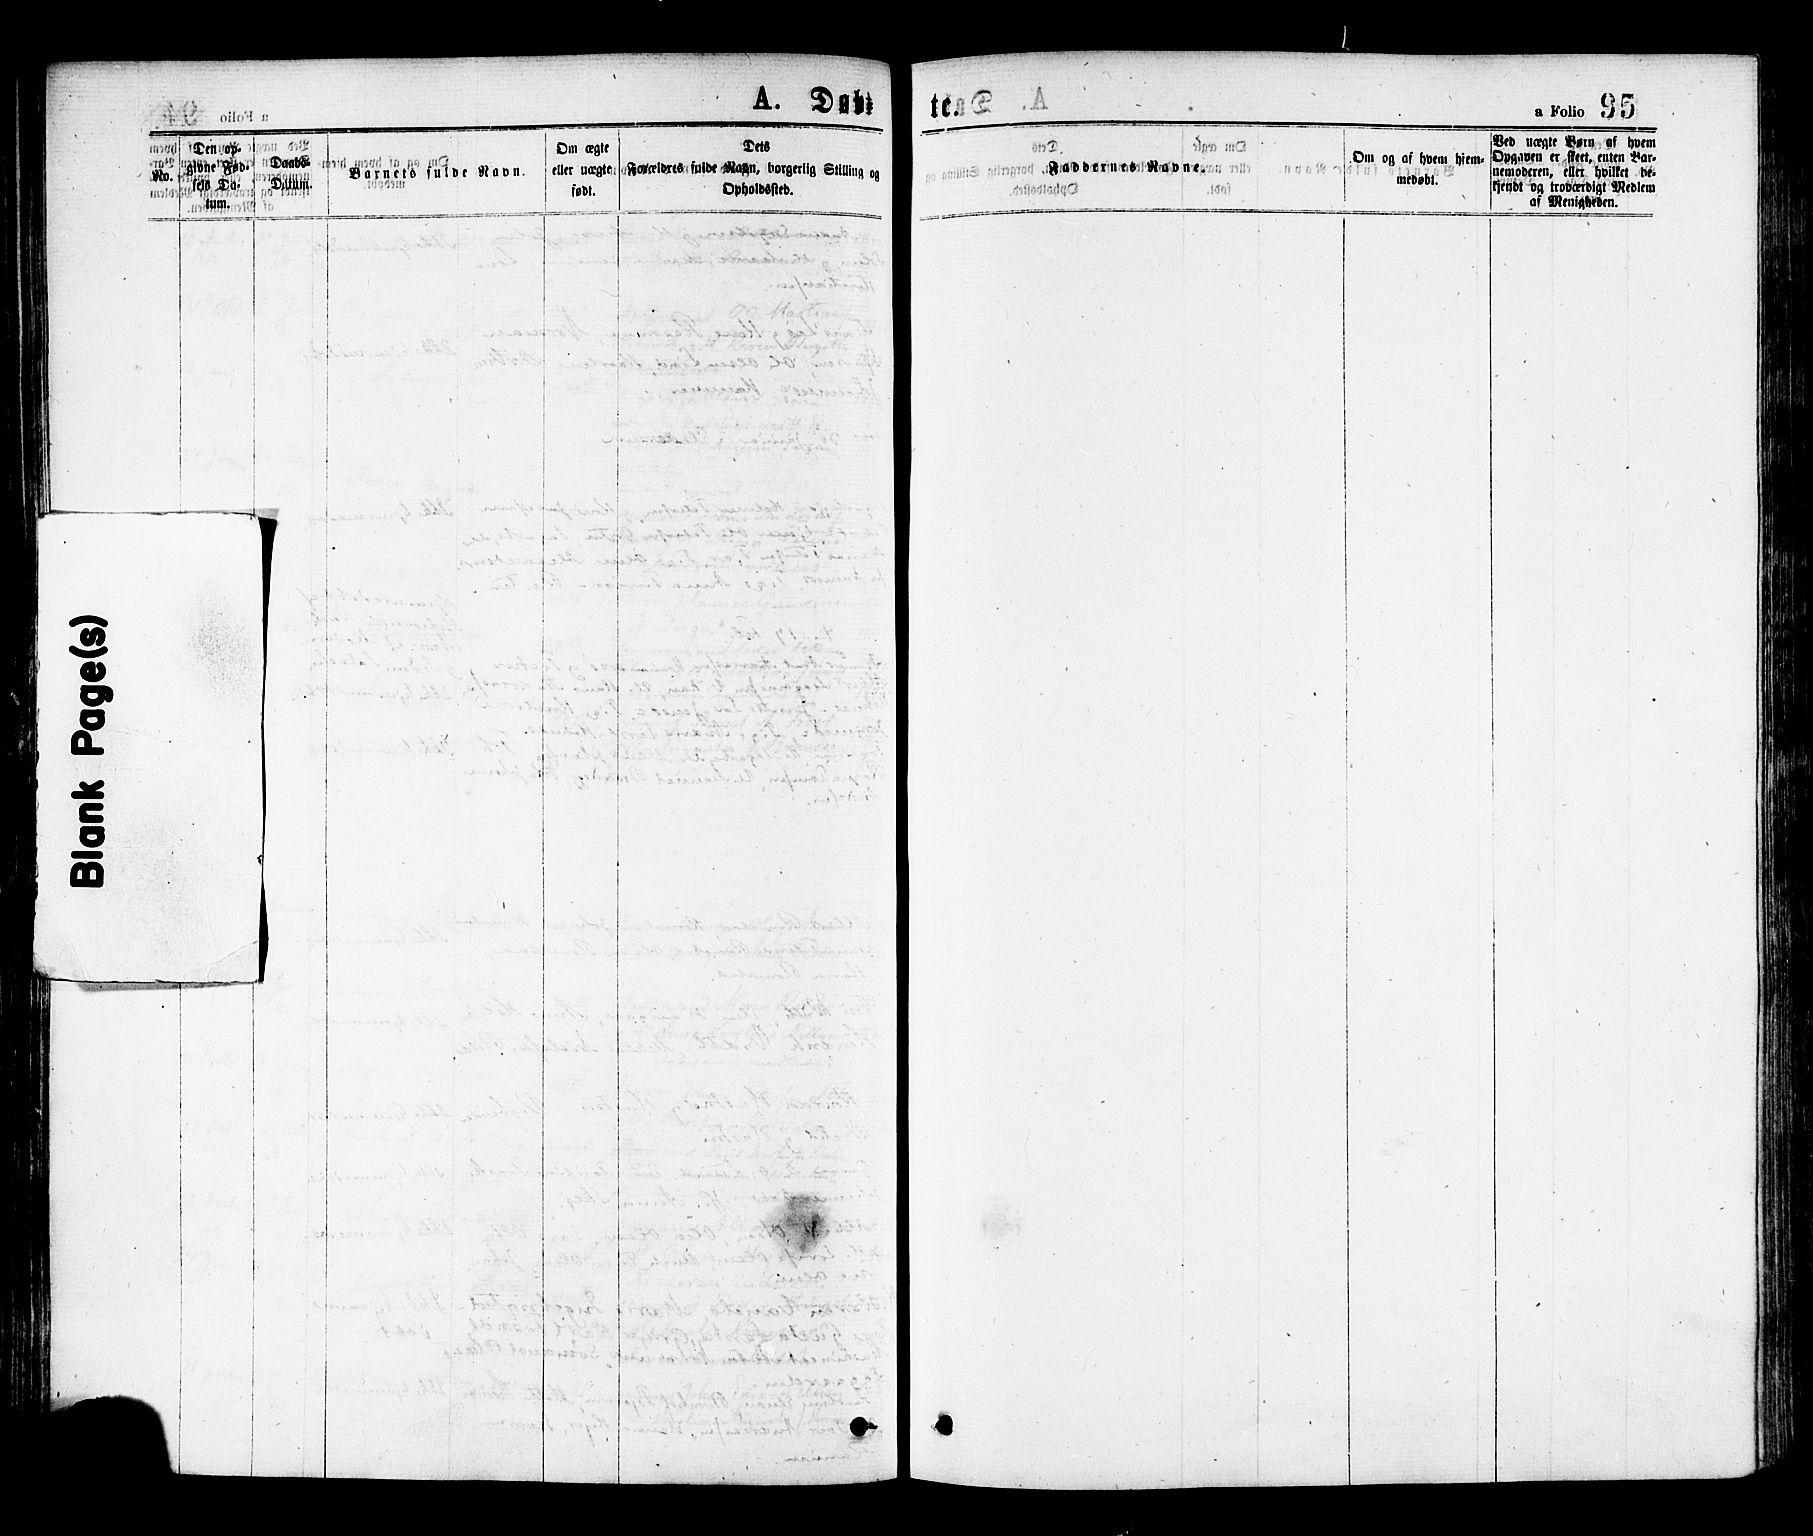 SAT, Ministerialprotokoller, klokkerbøker og fødselsregistre - Nord-Trøndelag, 768/L0572: Ministerialbok nr. 768A07, 1874-1886, s. 95